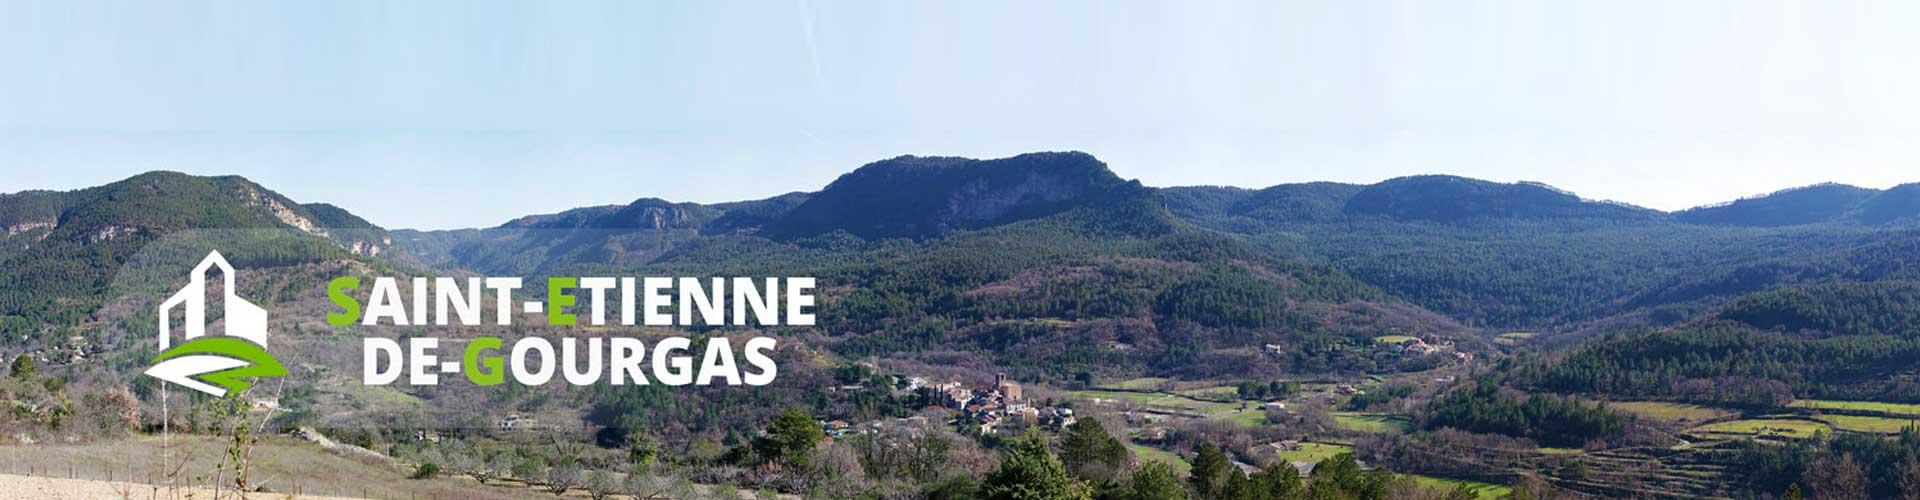 Commune de Saint Etienne de Gourgas